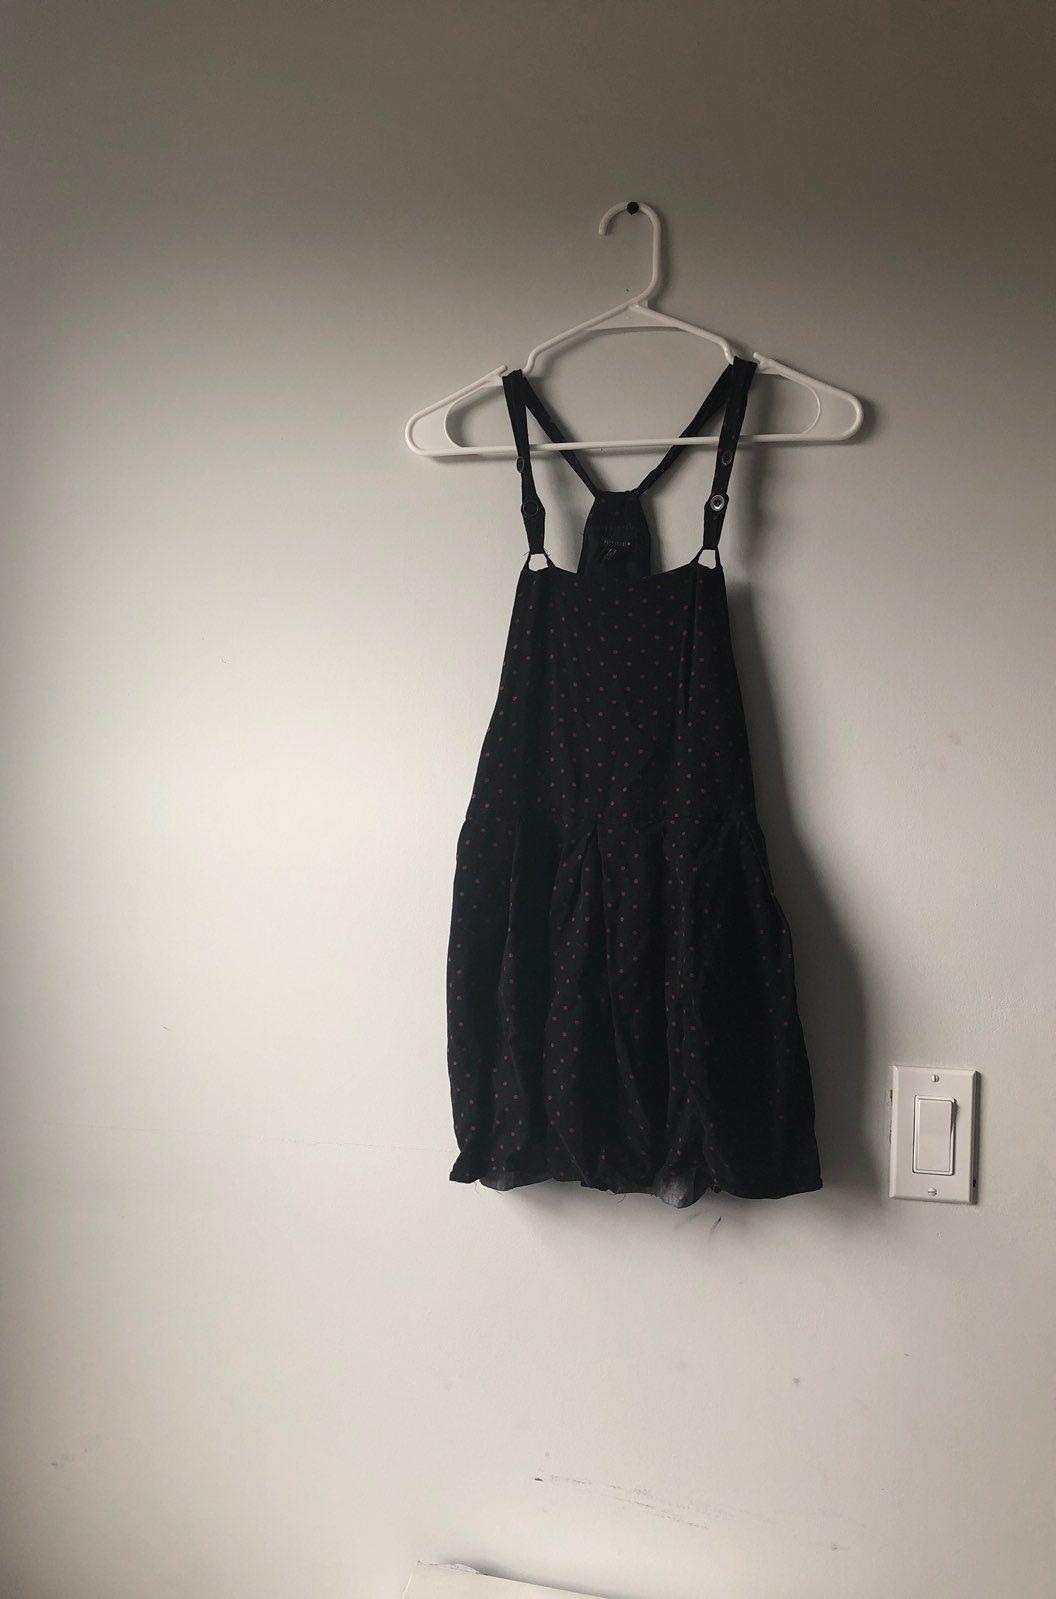 Black And Pink Polka Dot Overall Dress